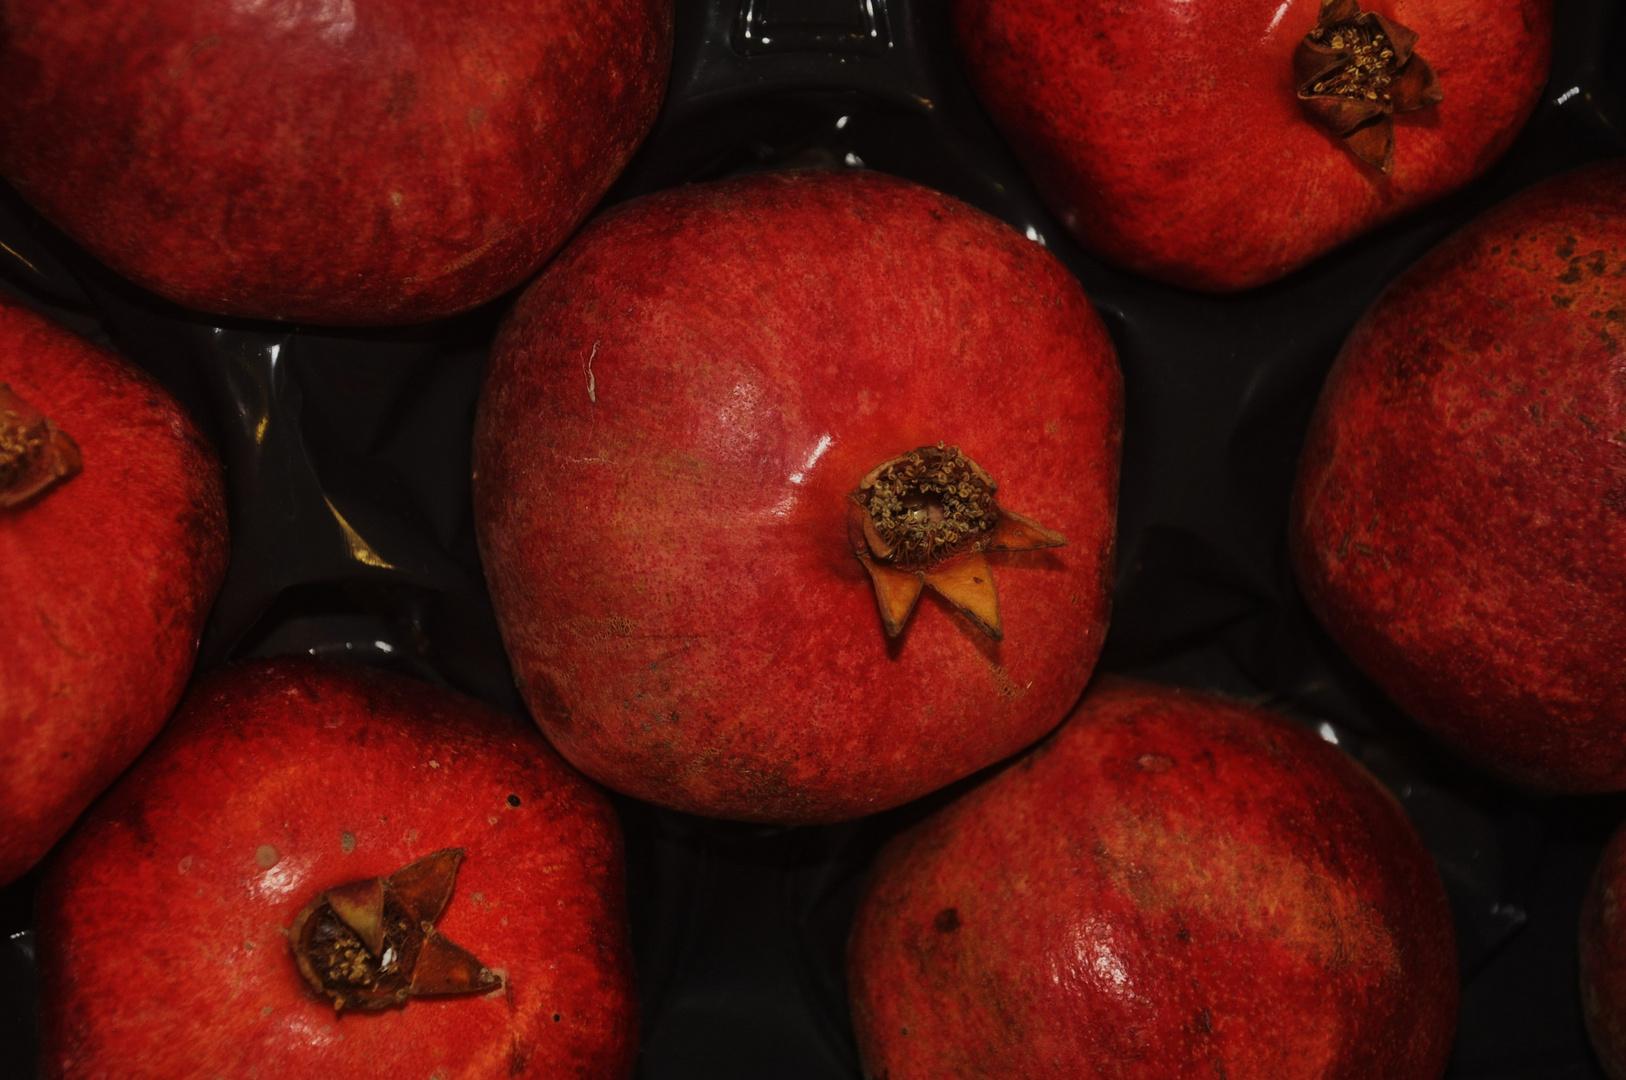 Granatäpfel für die gemütlichen Stunden zu Hause